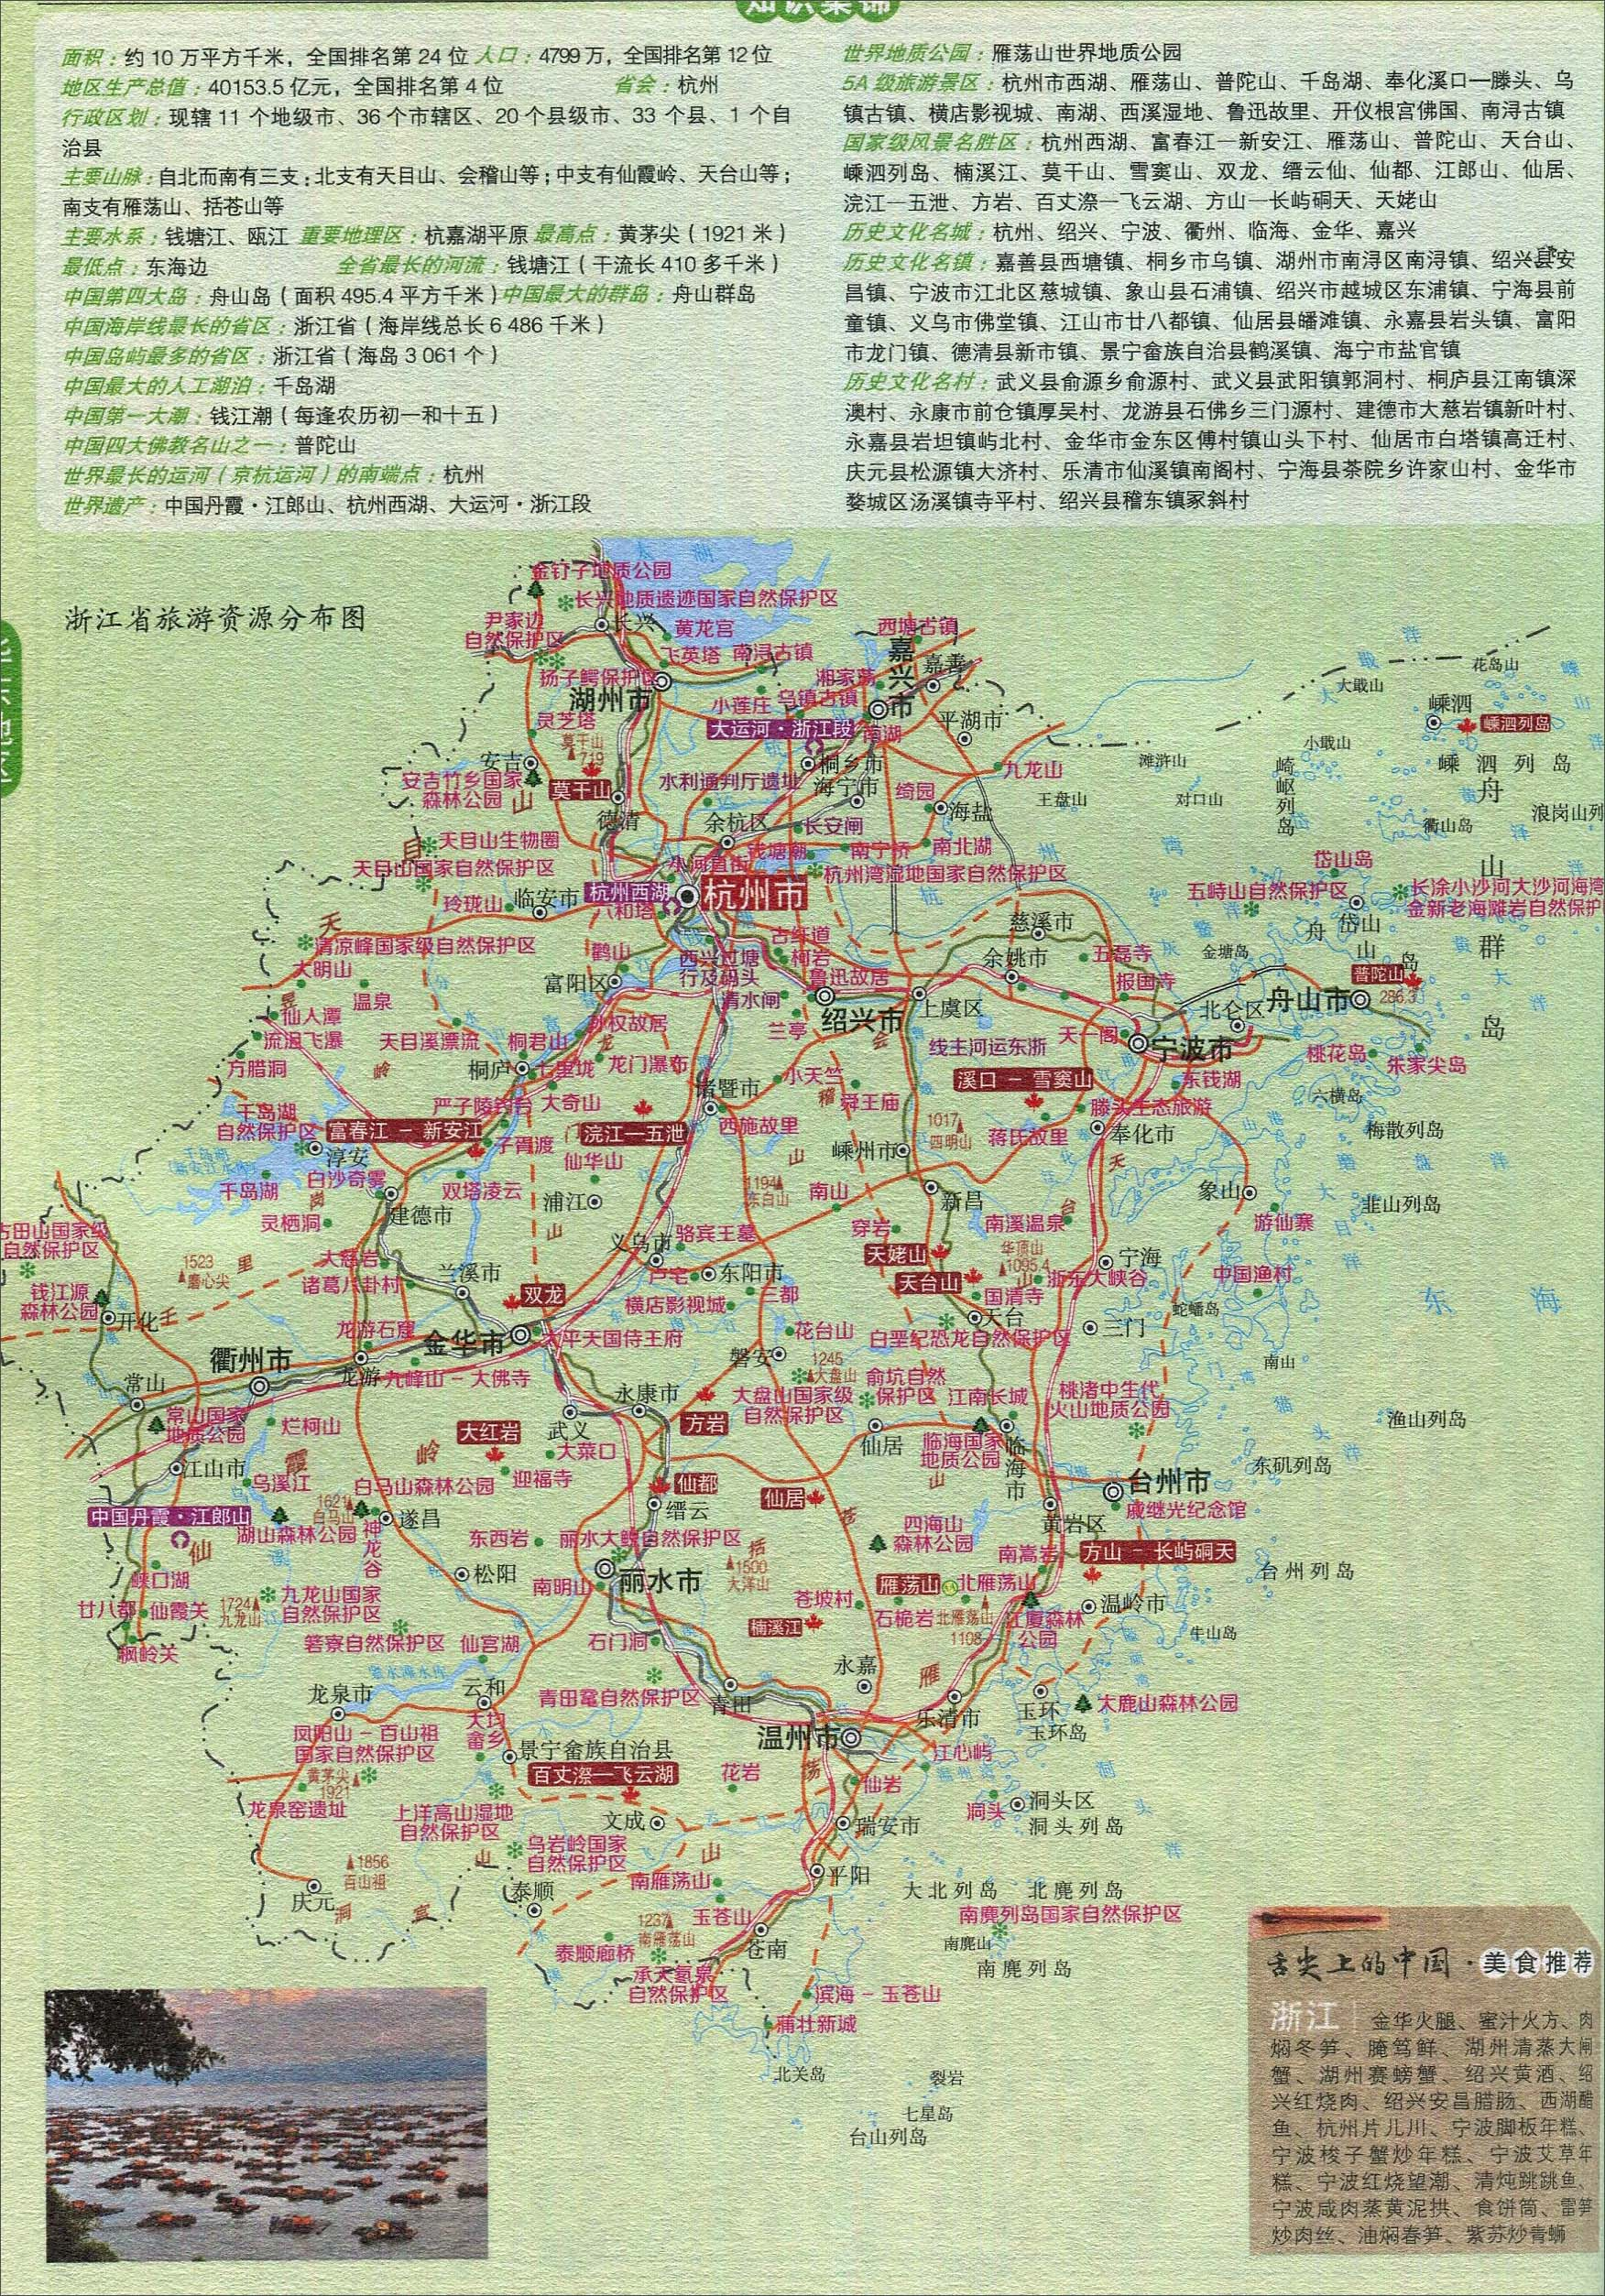 浙江省旅游资源分布图_浙江旅游地图库_地图窝图片